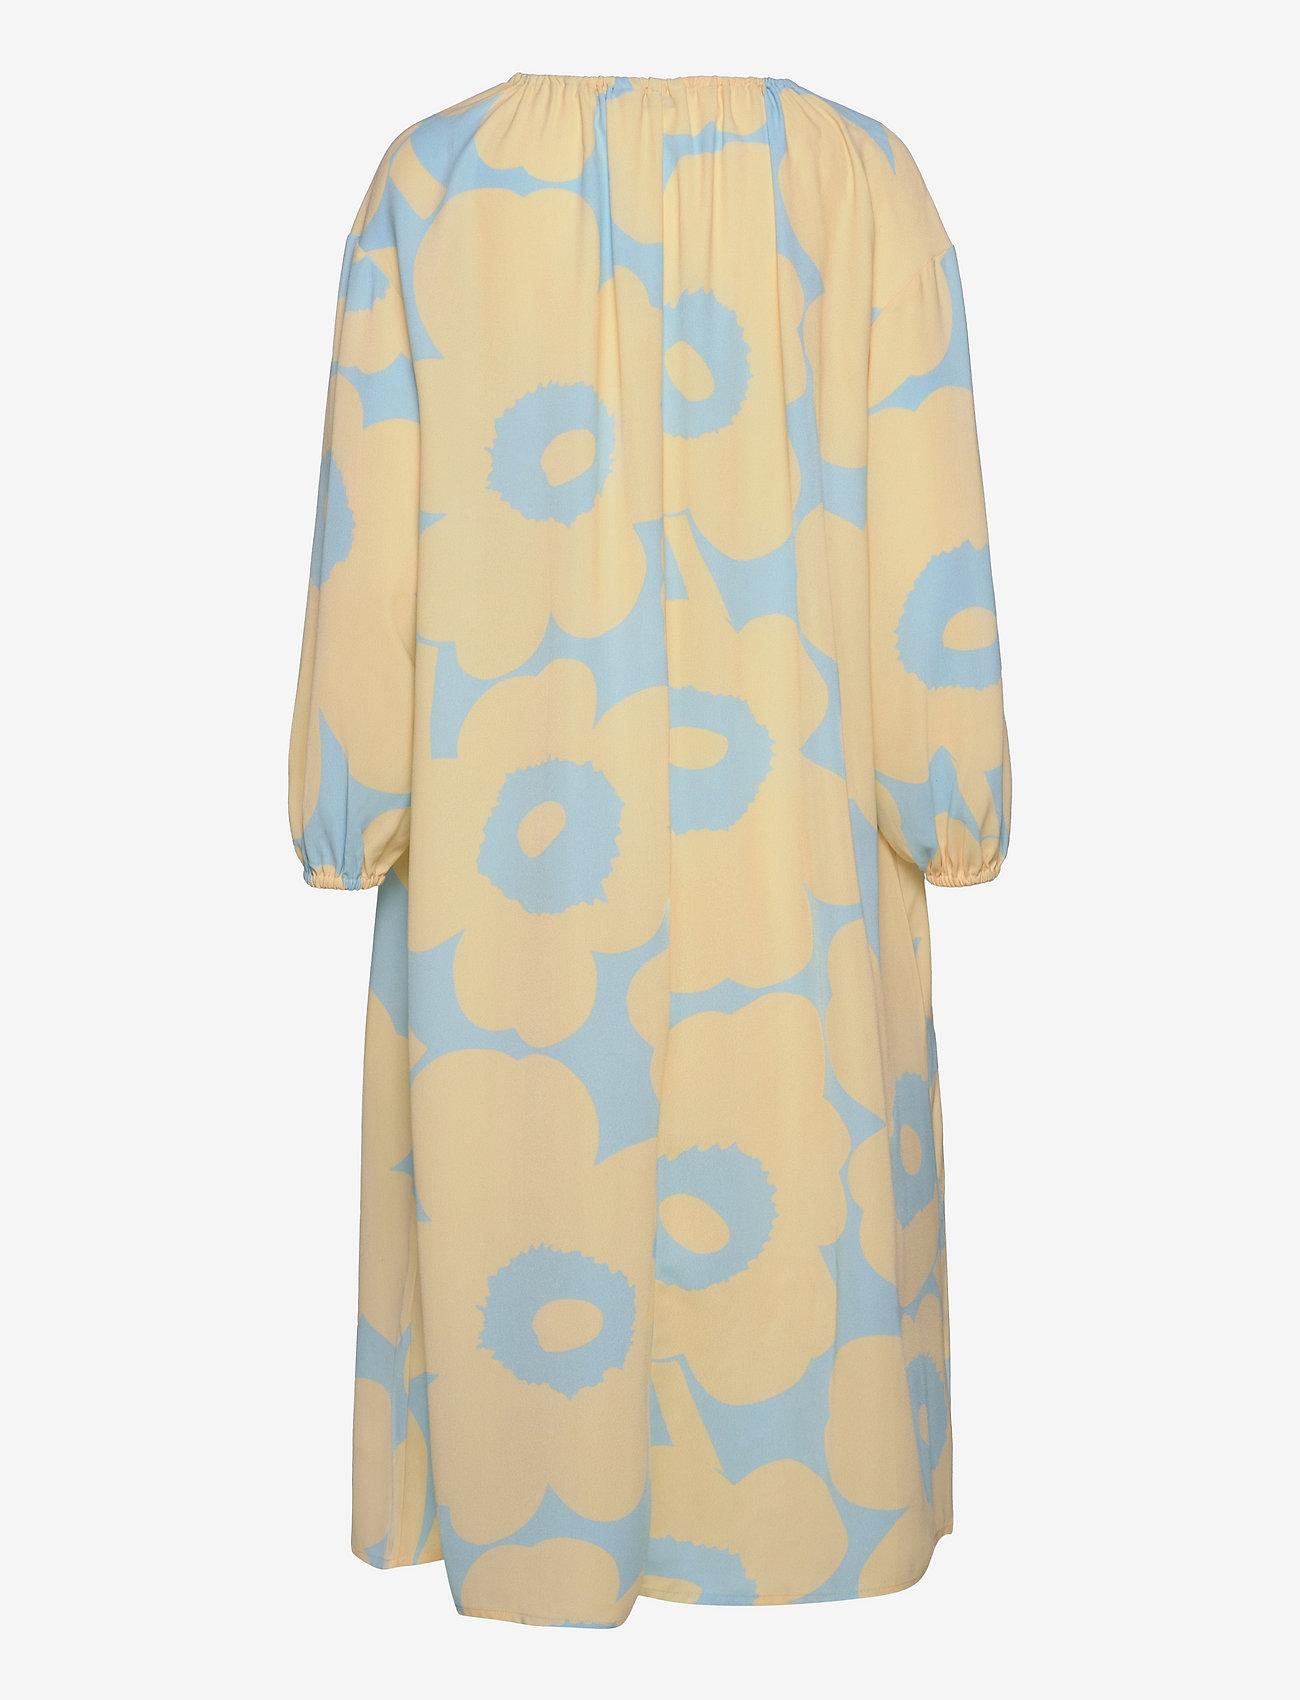 Marimekko - KORKEAAN PIENI UNIKKO 2 DRESS - hverdagskjoler - turquoise, yellow - 1